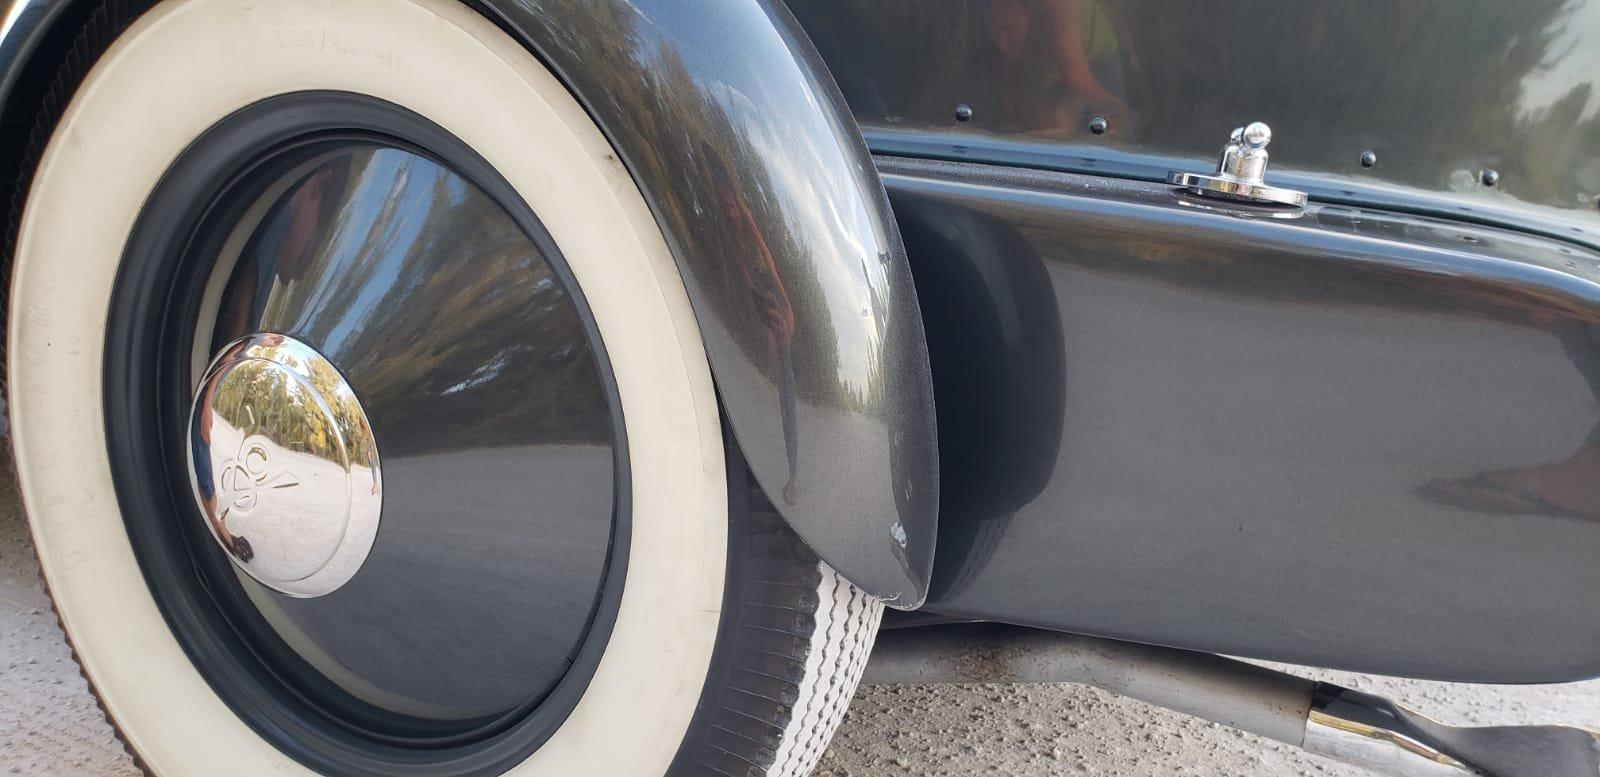 1934 Prewar Edsel Speedster for sale. For Sale (picture 4 of 5)